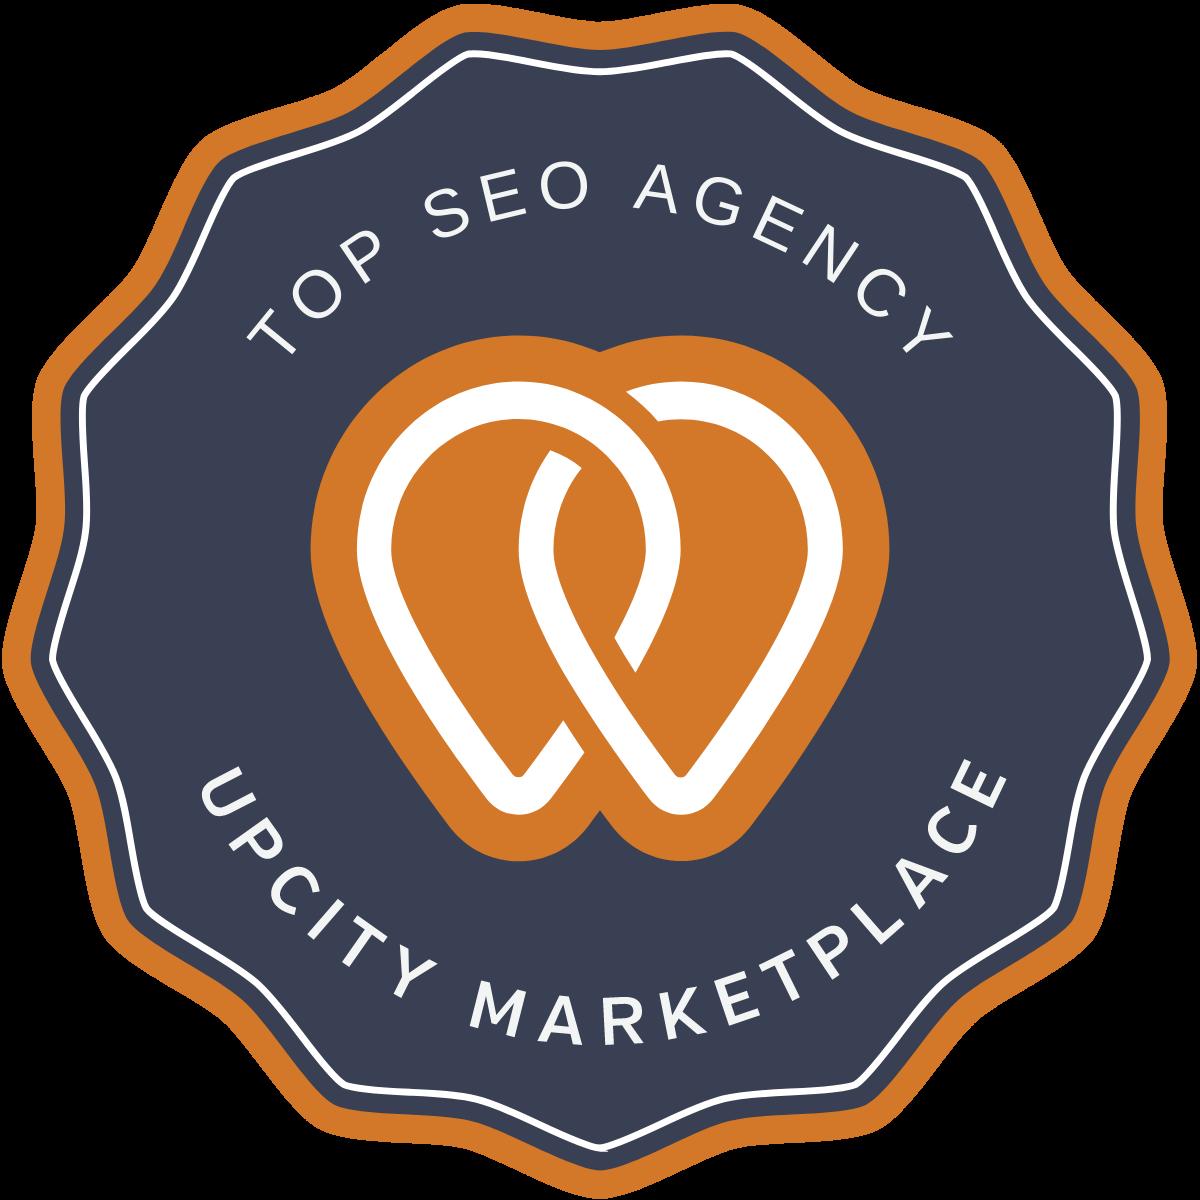 Top SEO Agency Orlando Florida